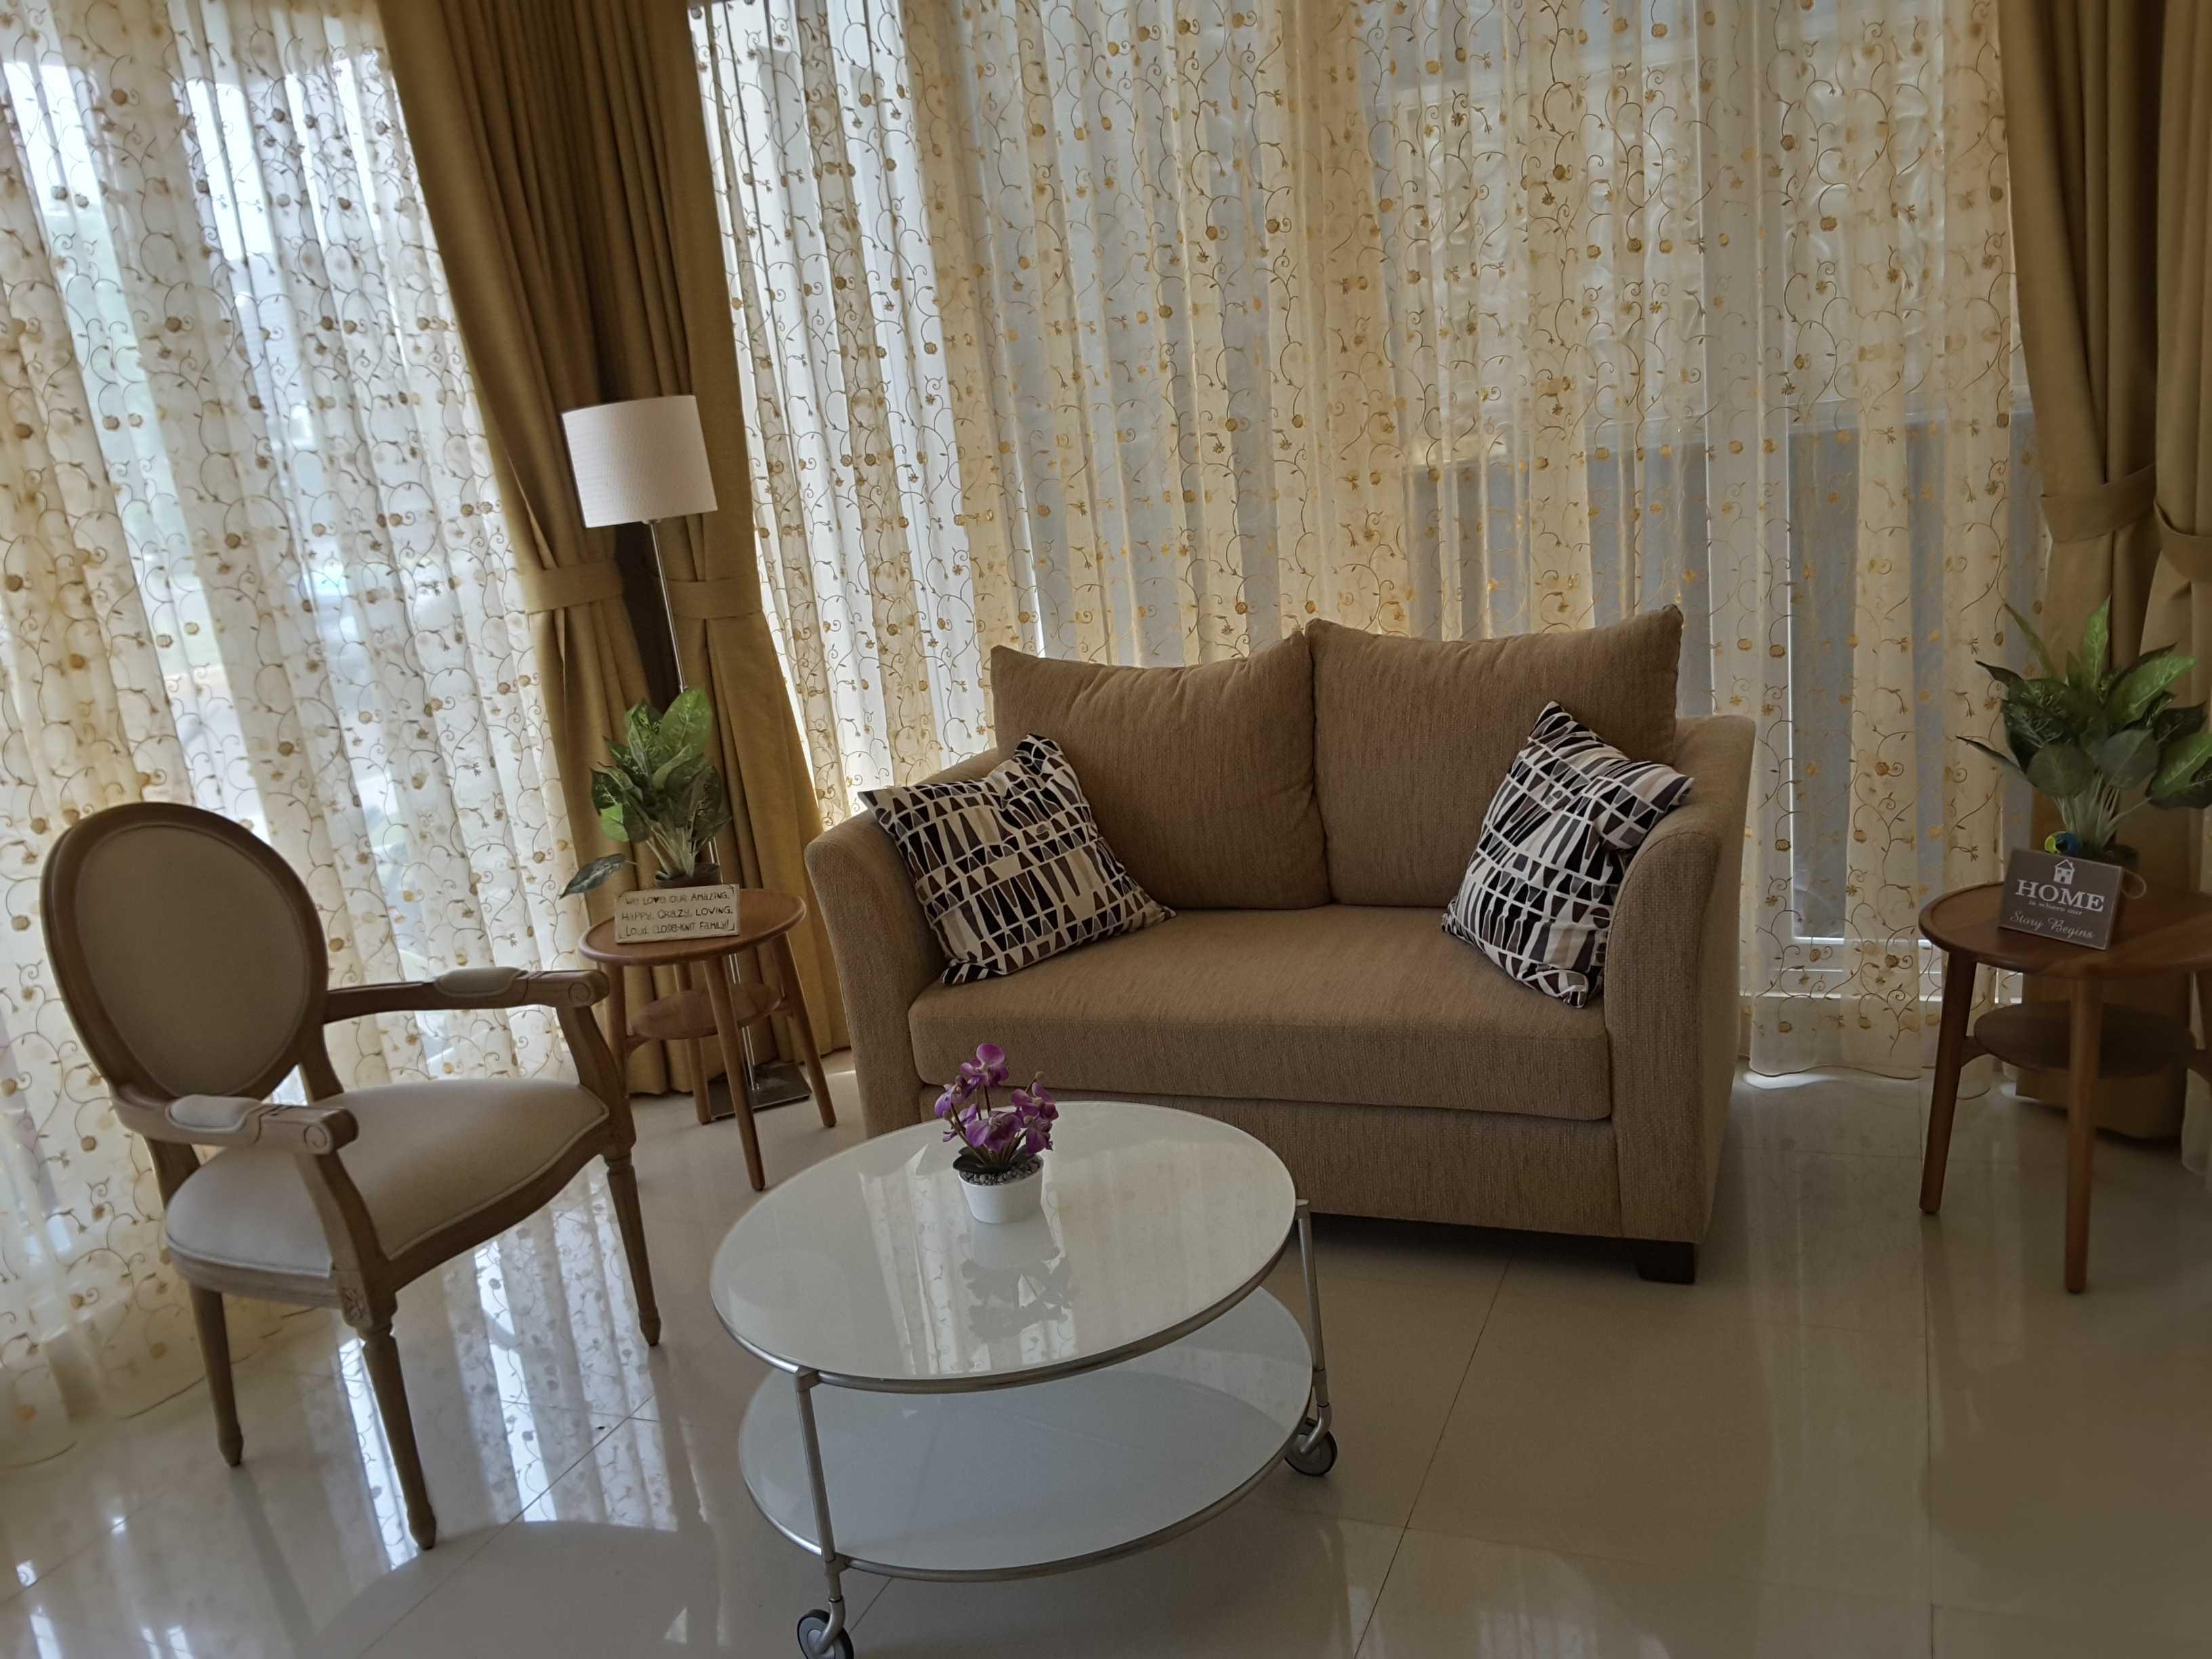 Vaastu Studio Monochrome Interior House At Tambun Bekasi Bekasi Guest Room   26497